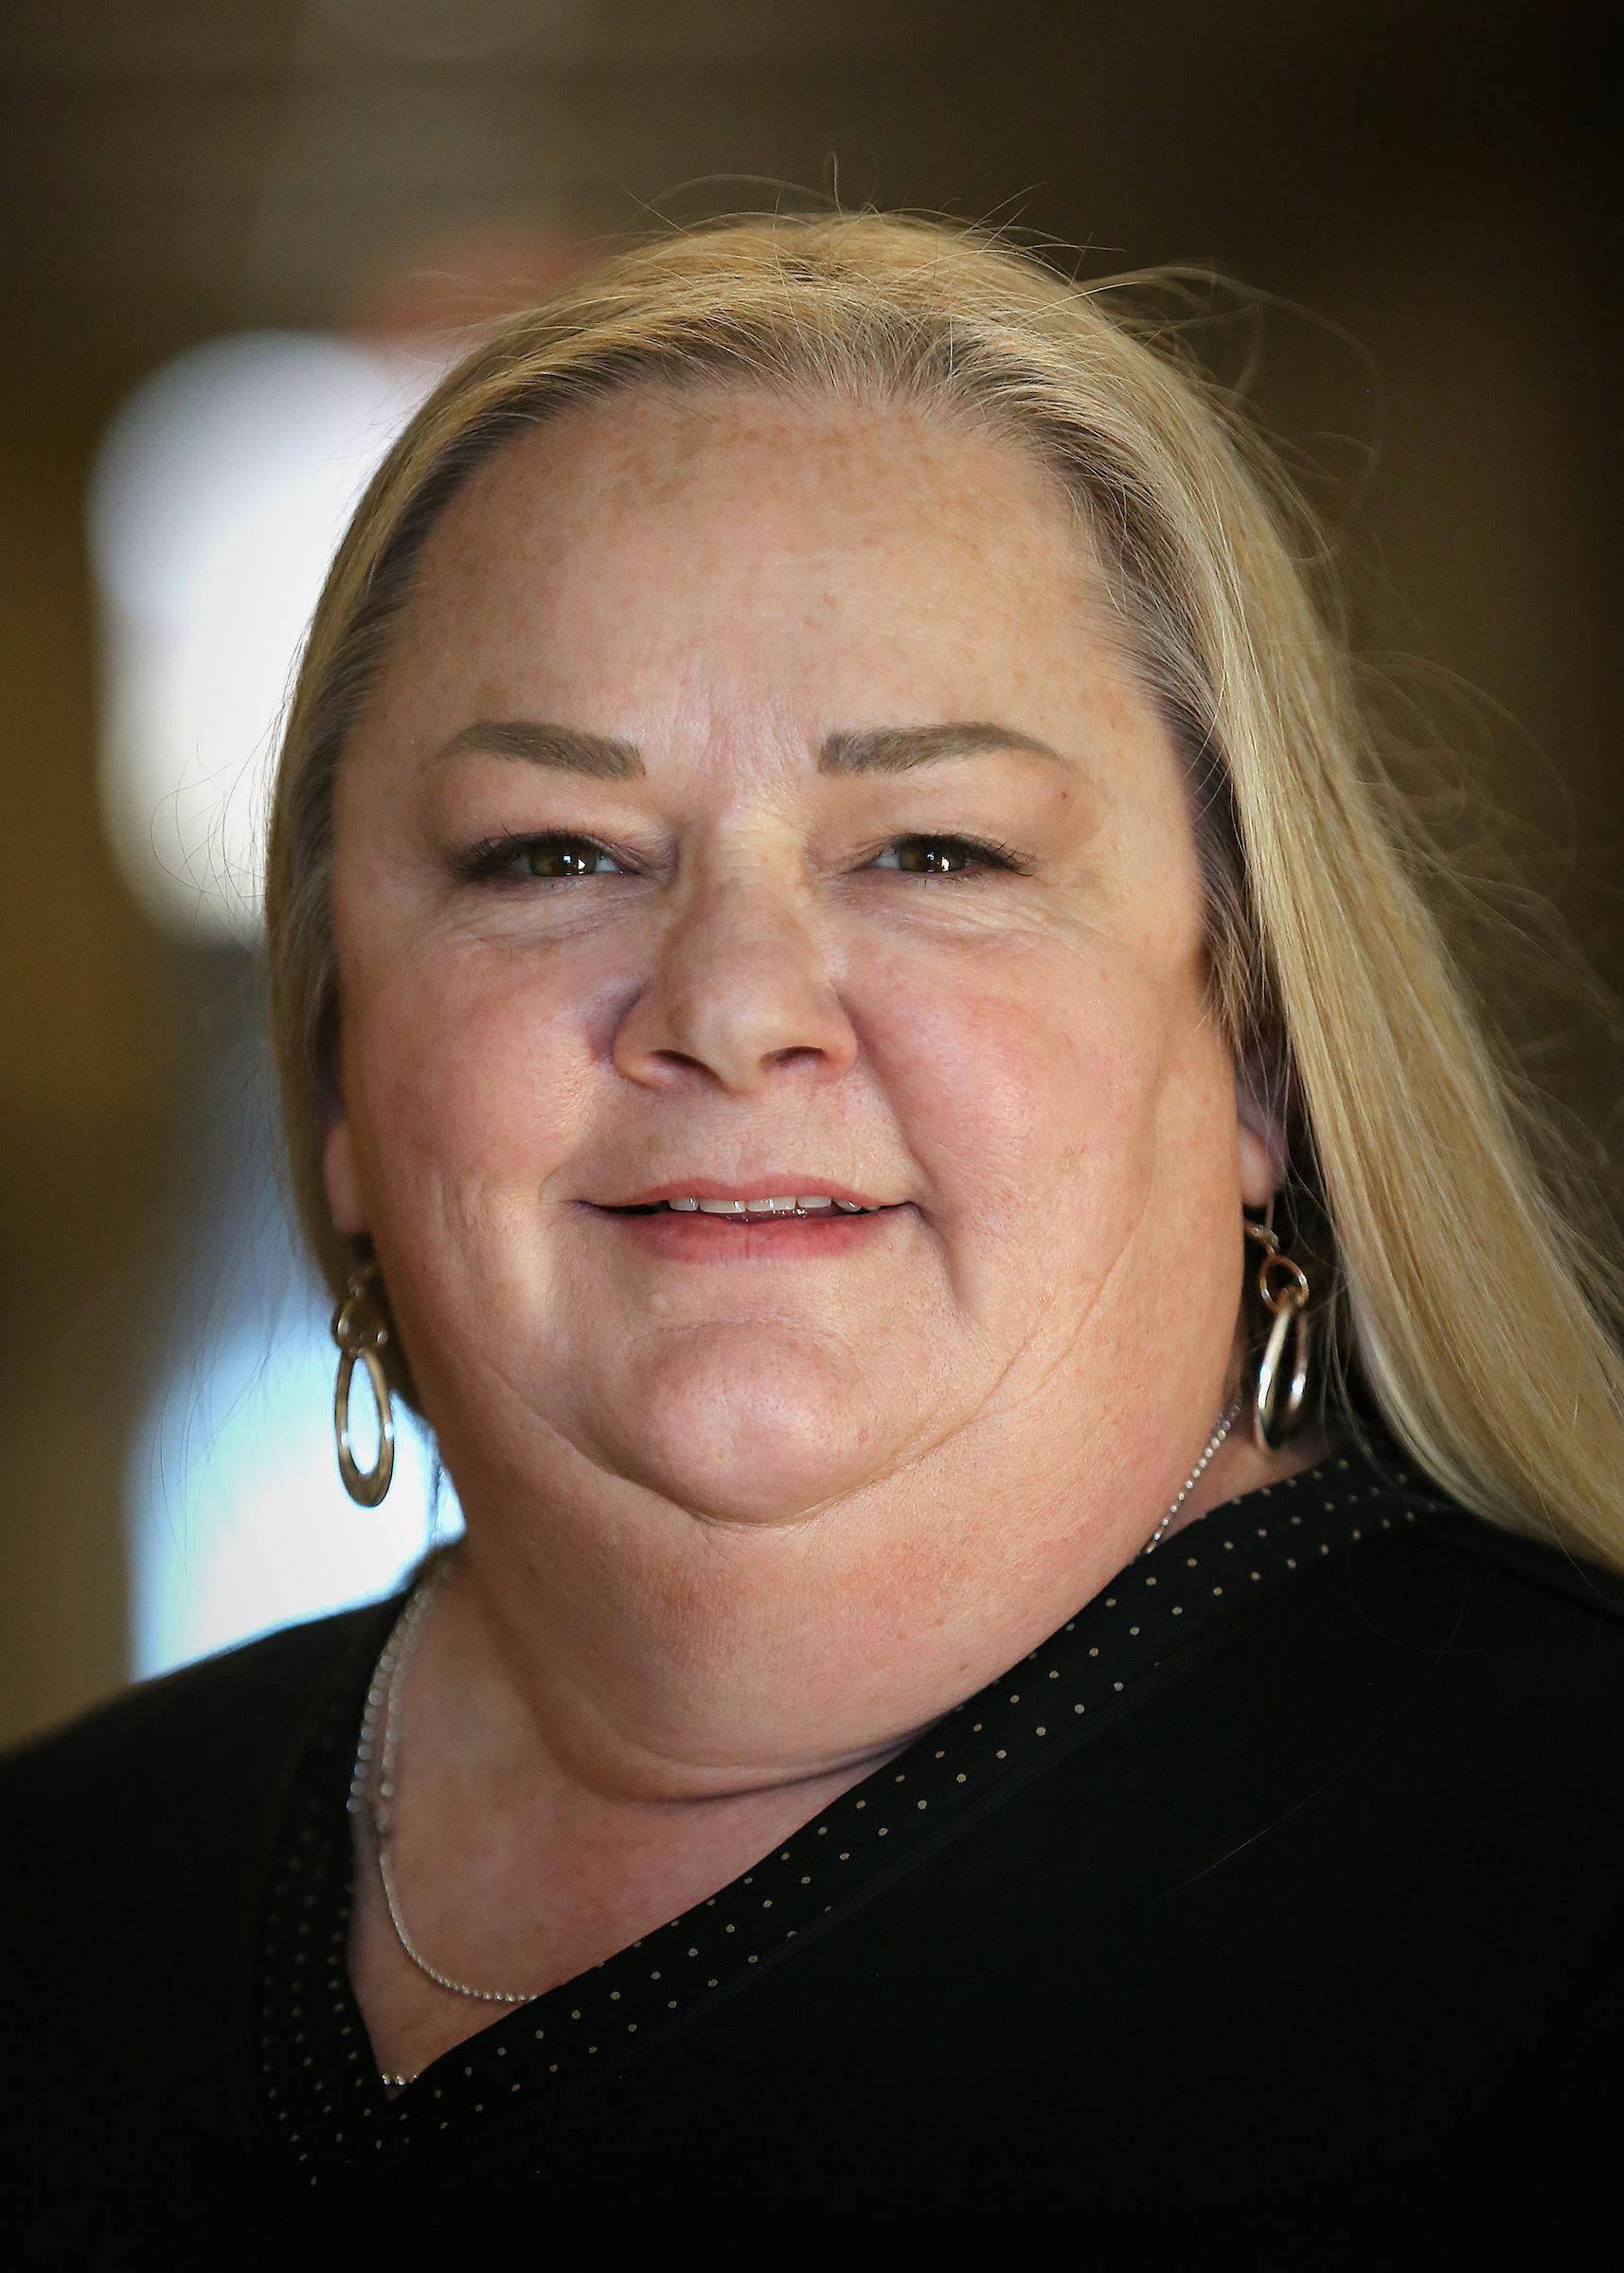 Kunkel-Jordan Appointed Dean of the JoAnn McGrath School of Nursing and Health Professions